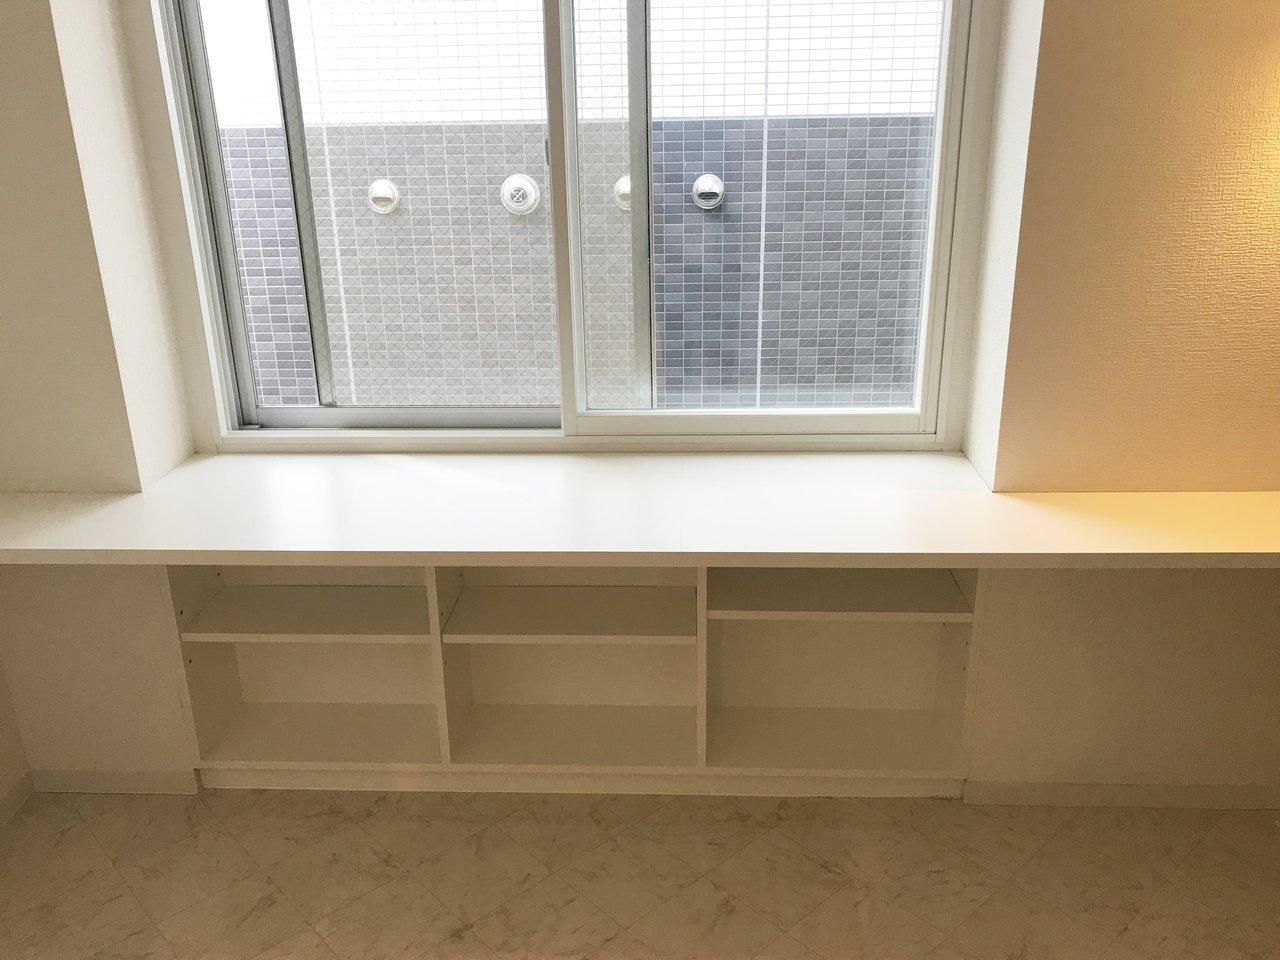 窓下にある棚は、本などの収納スペースに活用しましょう。ほかにも洋室には大き目のクローゼットもありますよ。